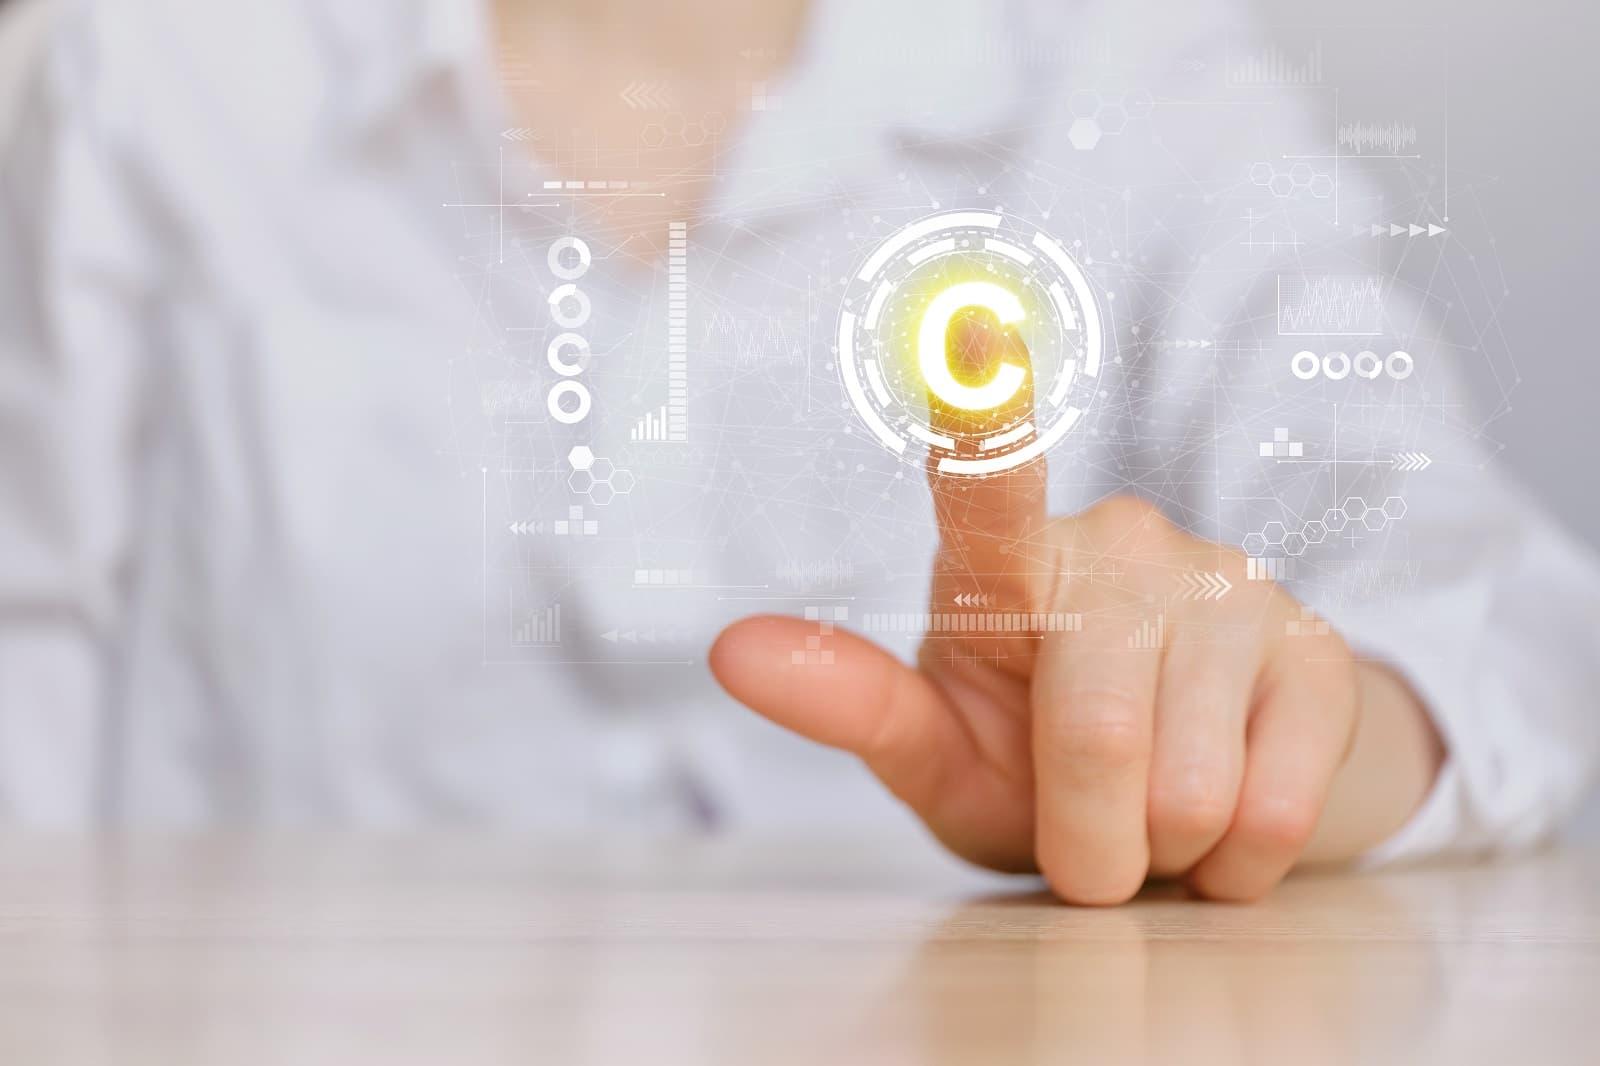 Patentes y marcas legales